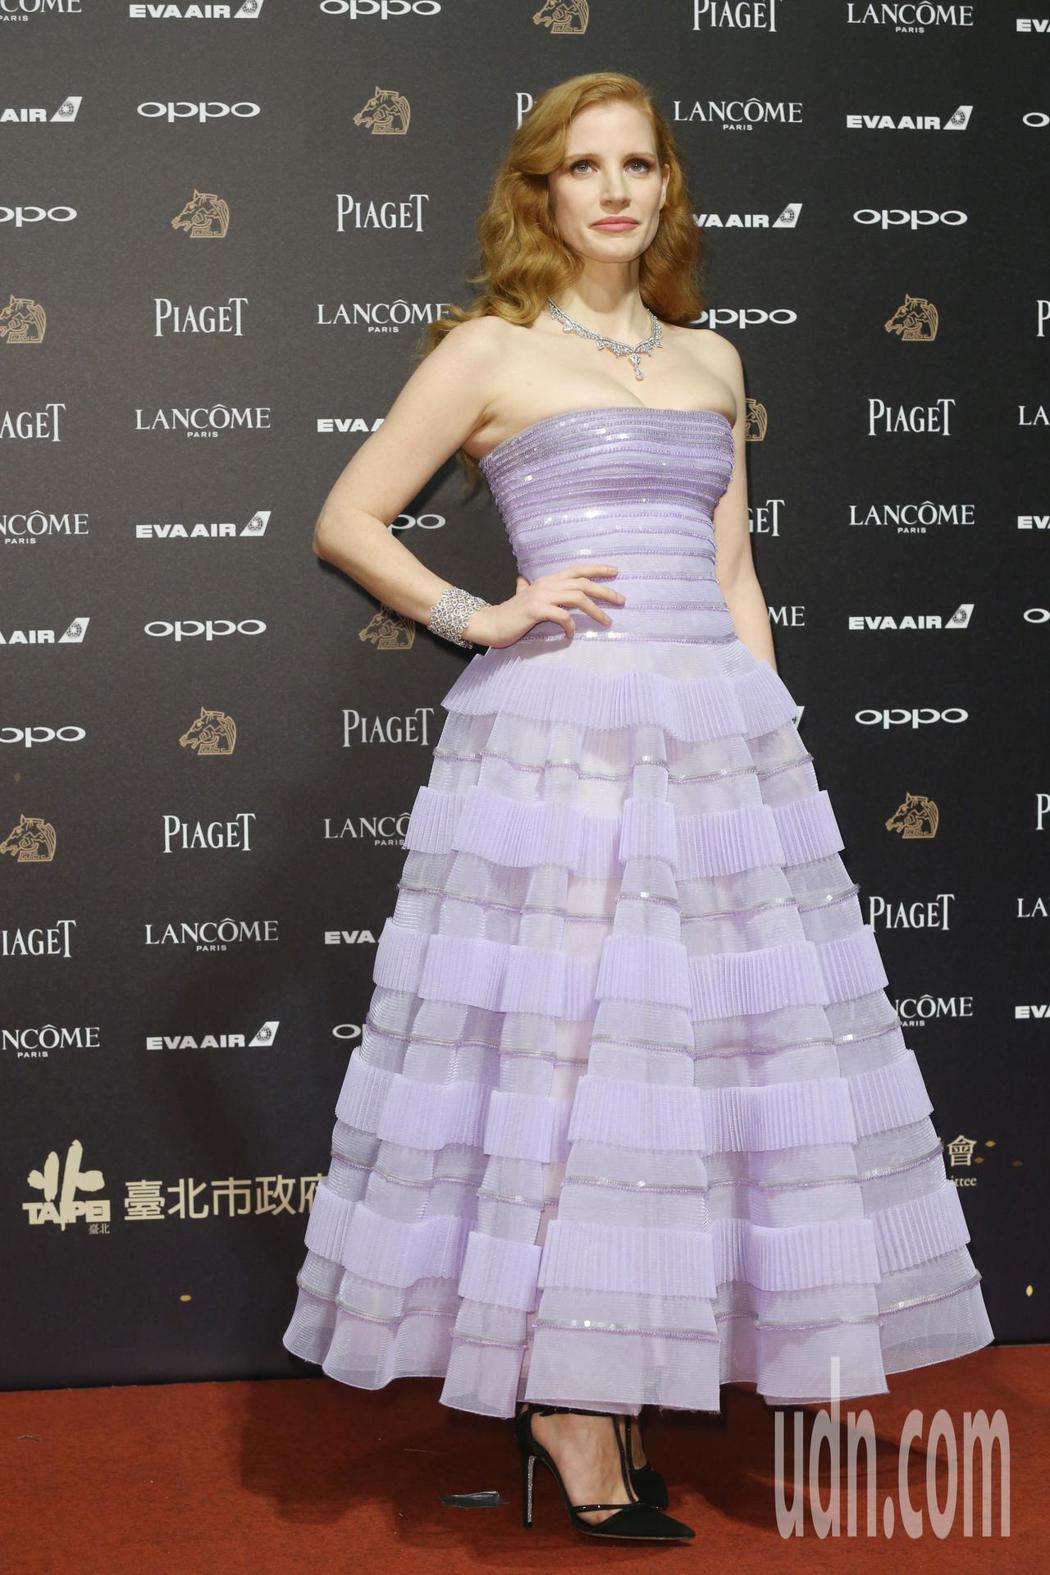 第五十四屆金馬獎頒獎嘉賓潔西卡雀絲坦走紅毯。記者林俊良╱攝影